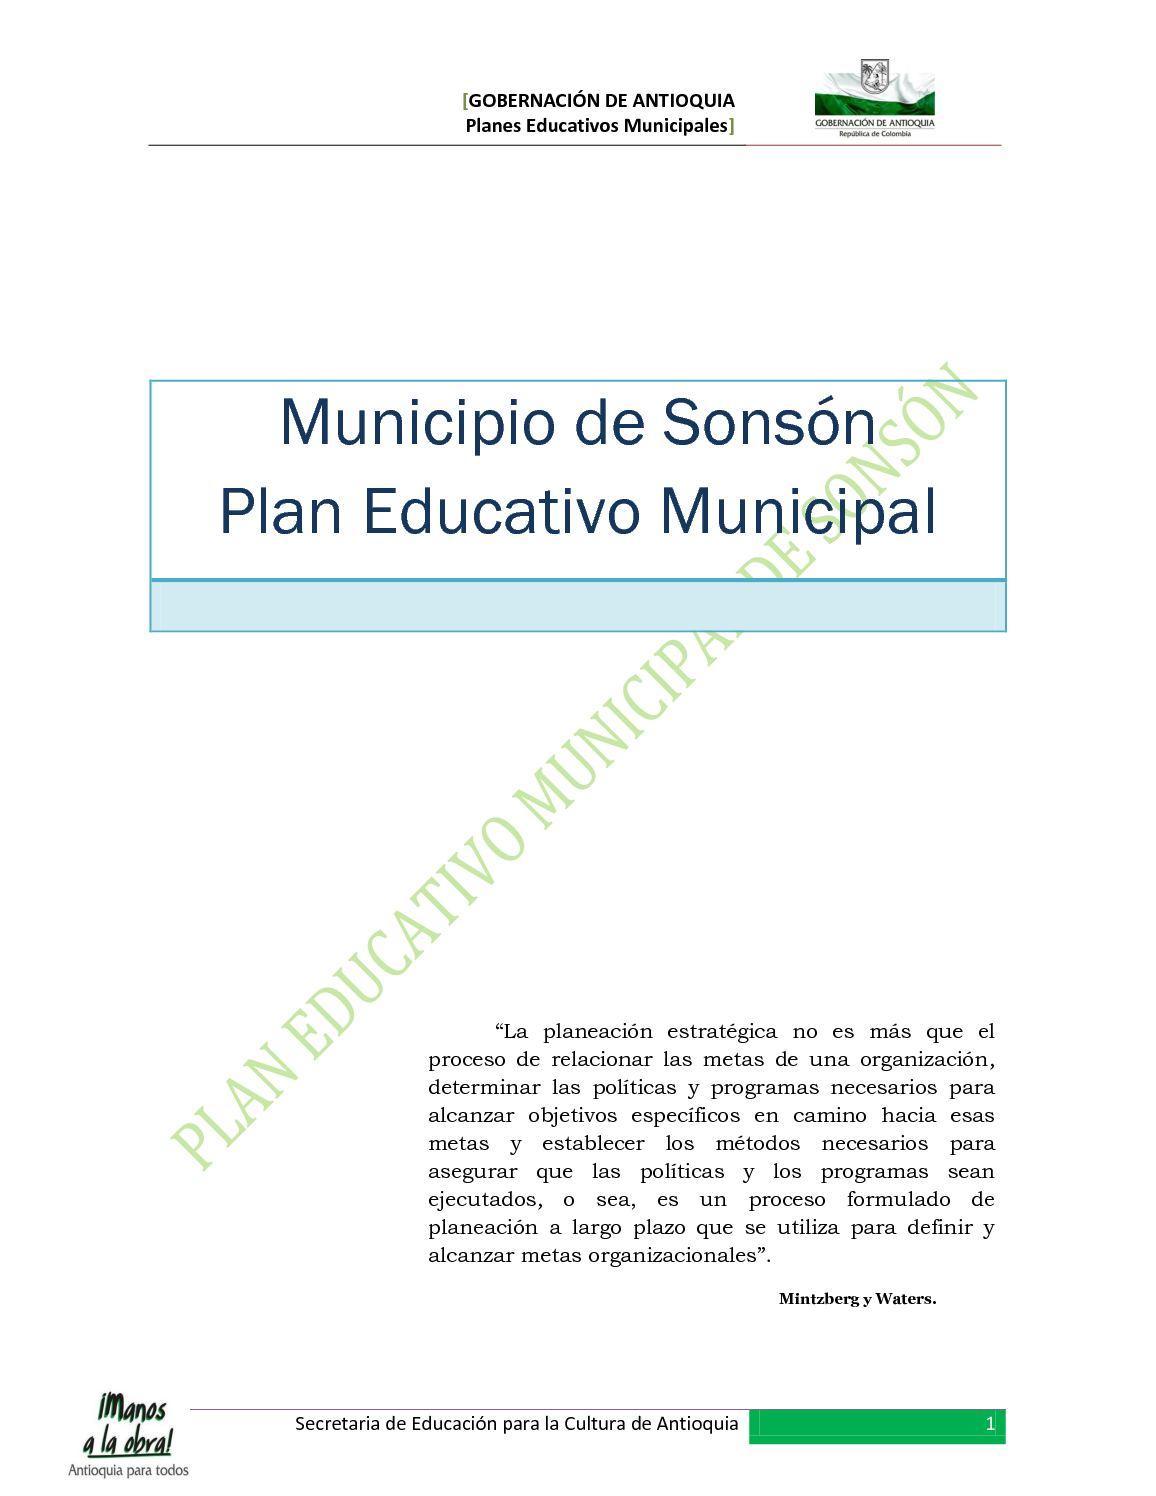 Calaméo - Plan Educativo Municipal - Sonsón - Antioquia